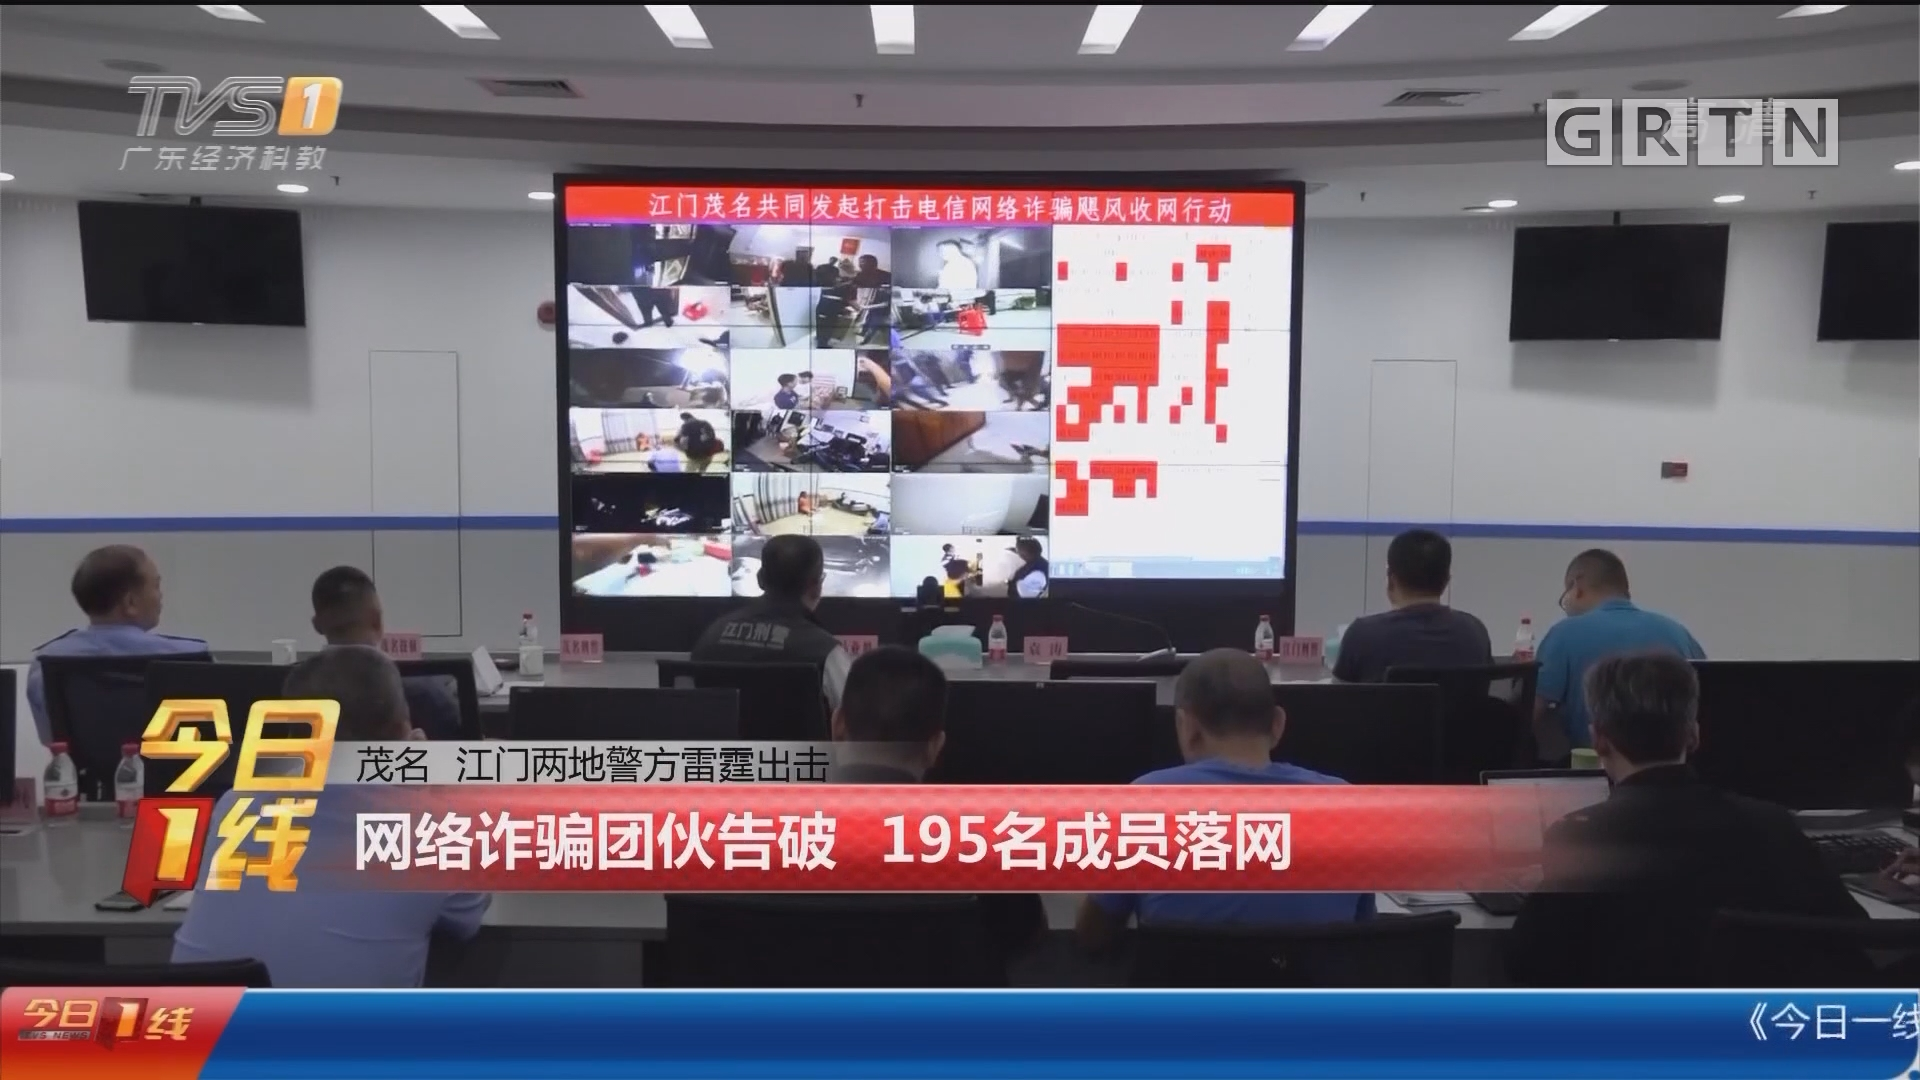 茂名 江门两地警方雷霆出击:网络诈骗团伙告破 195名成员落网